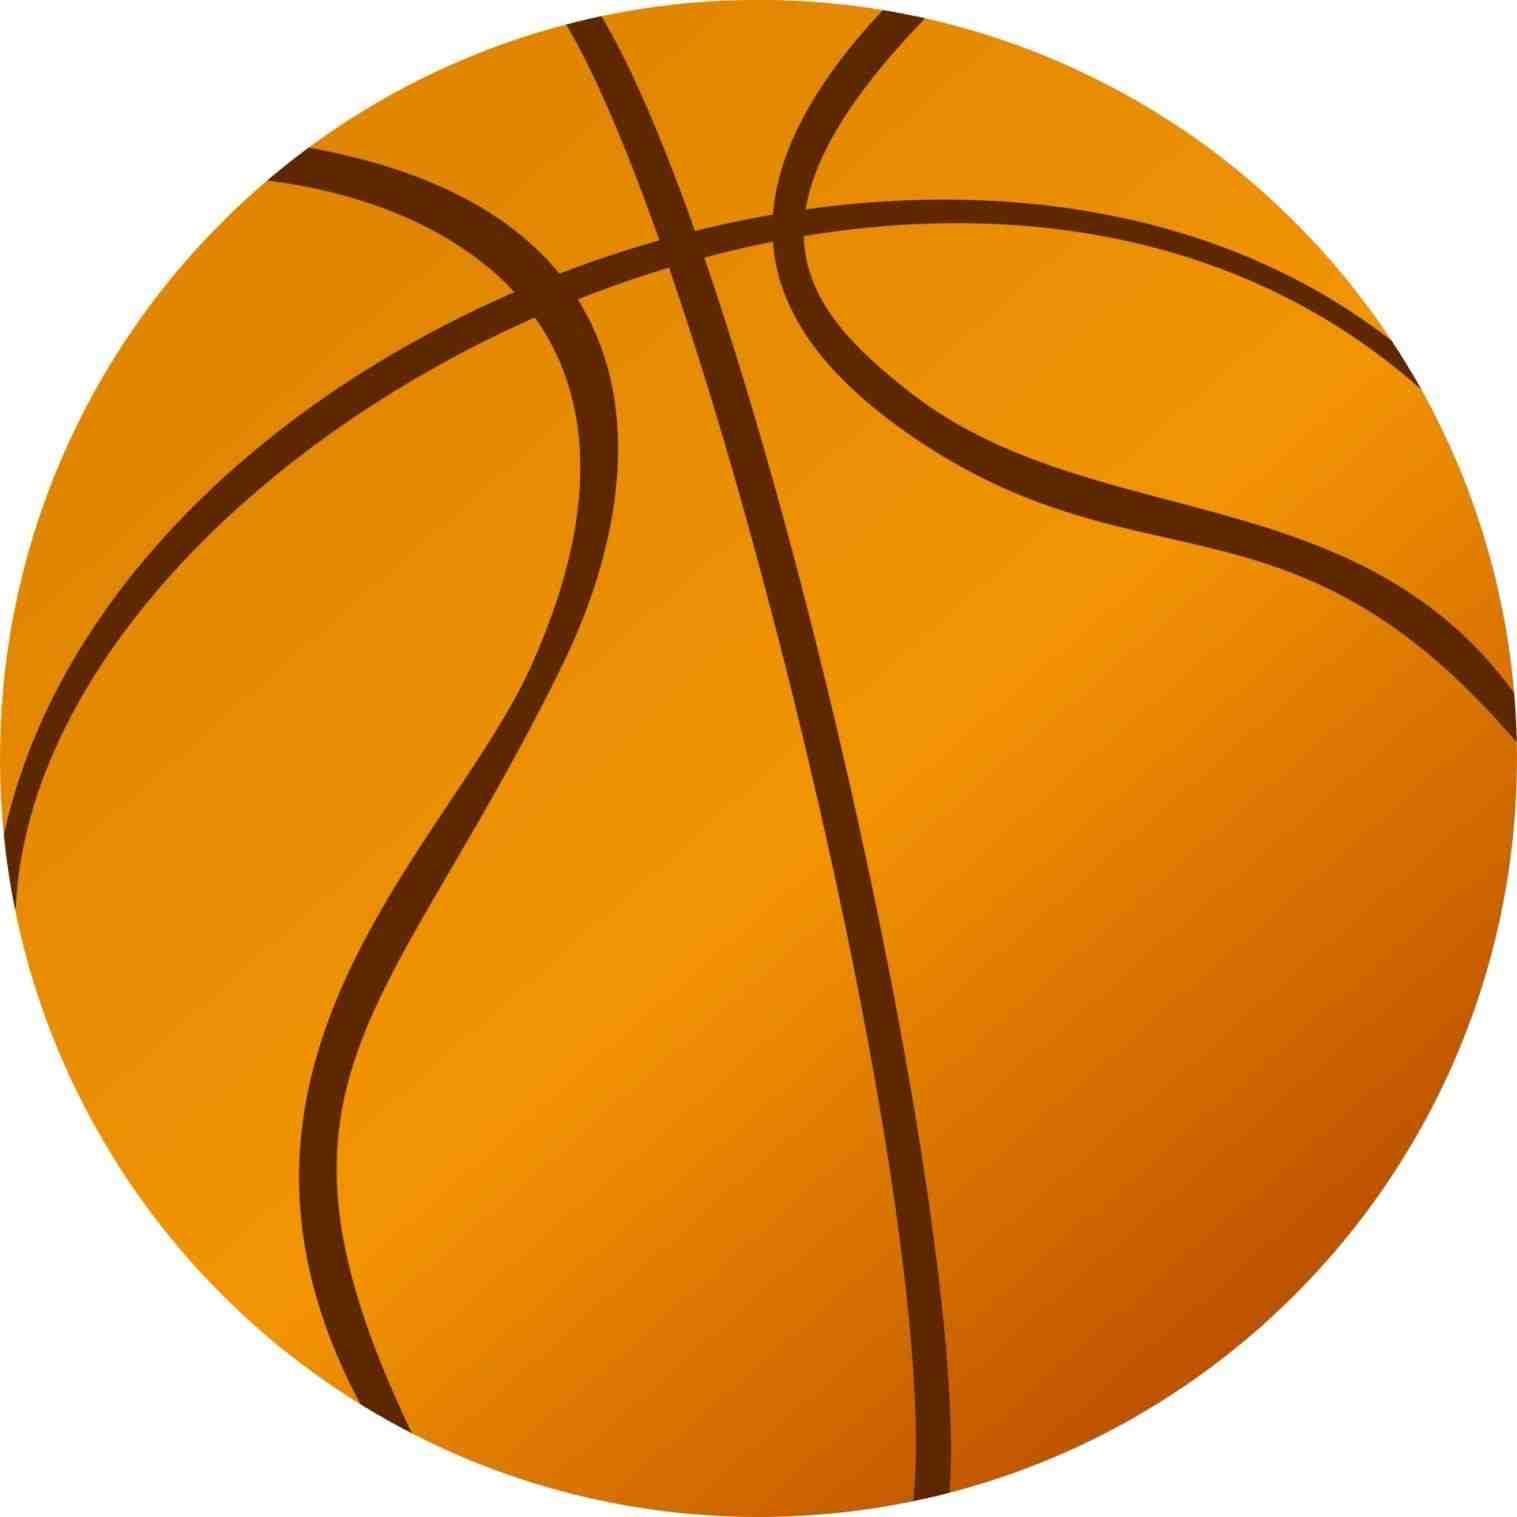 1517x1517 Bball Ball Basketball Clipart Court Clip Art At Clkercom Vector